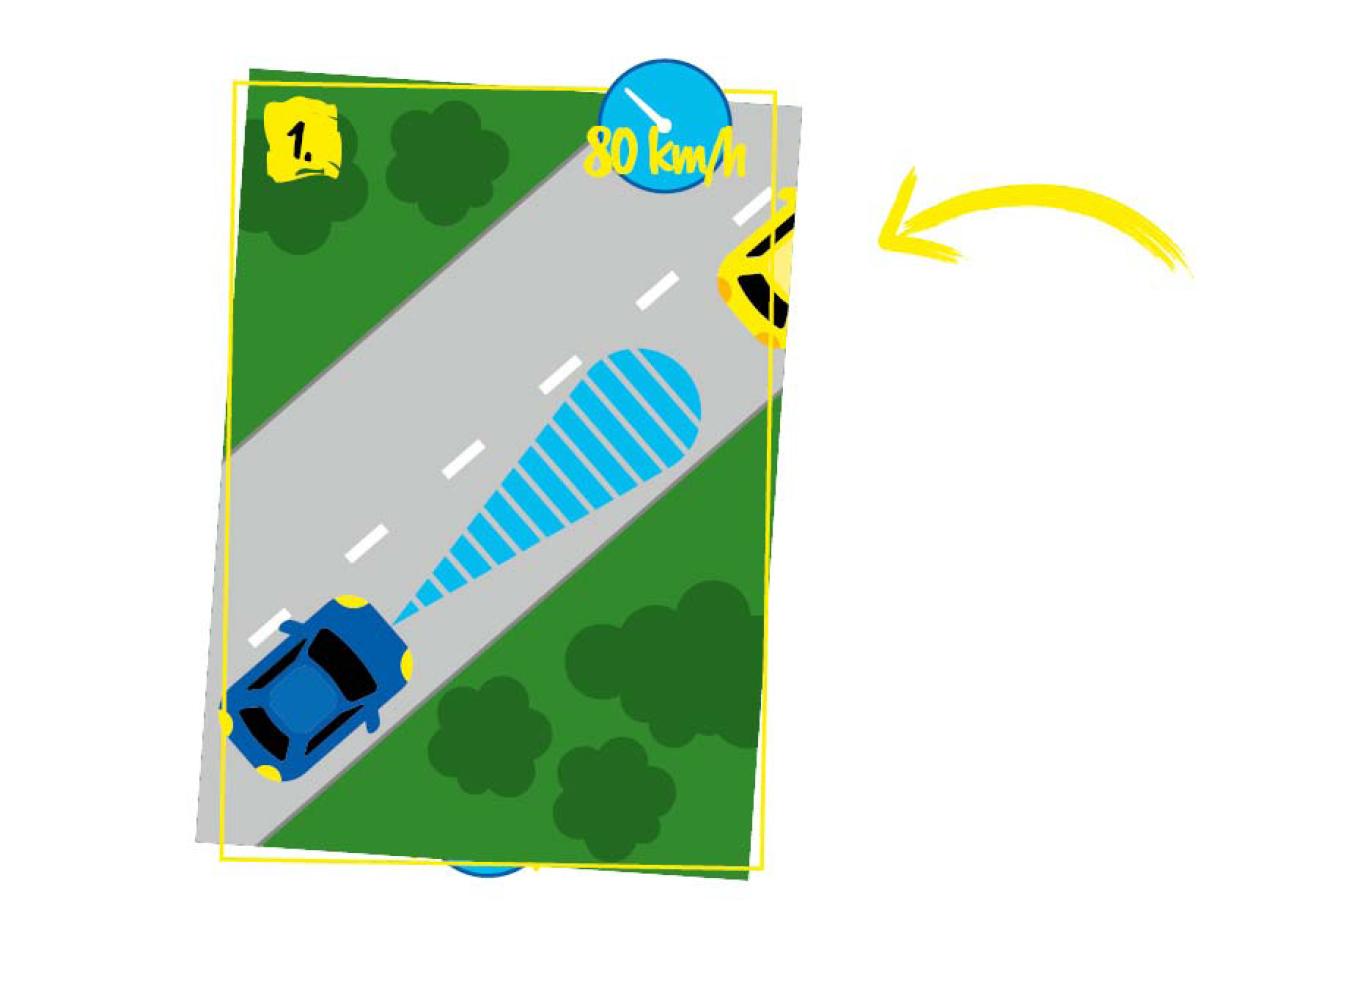 Abstandsregeltempomat freie Fahrt